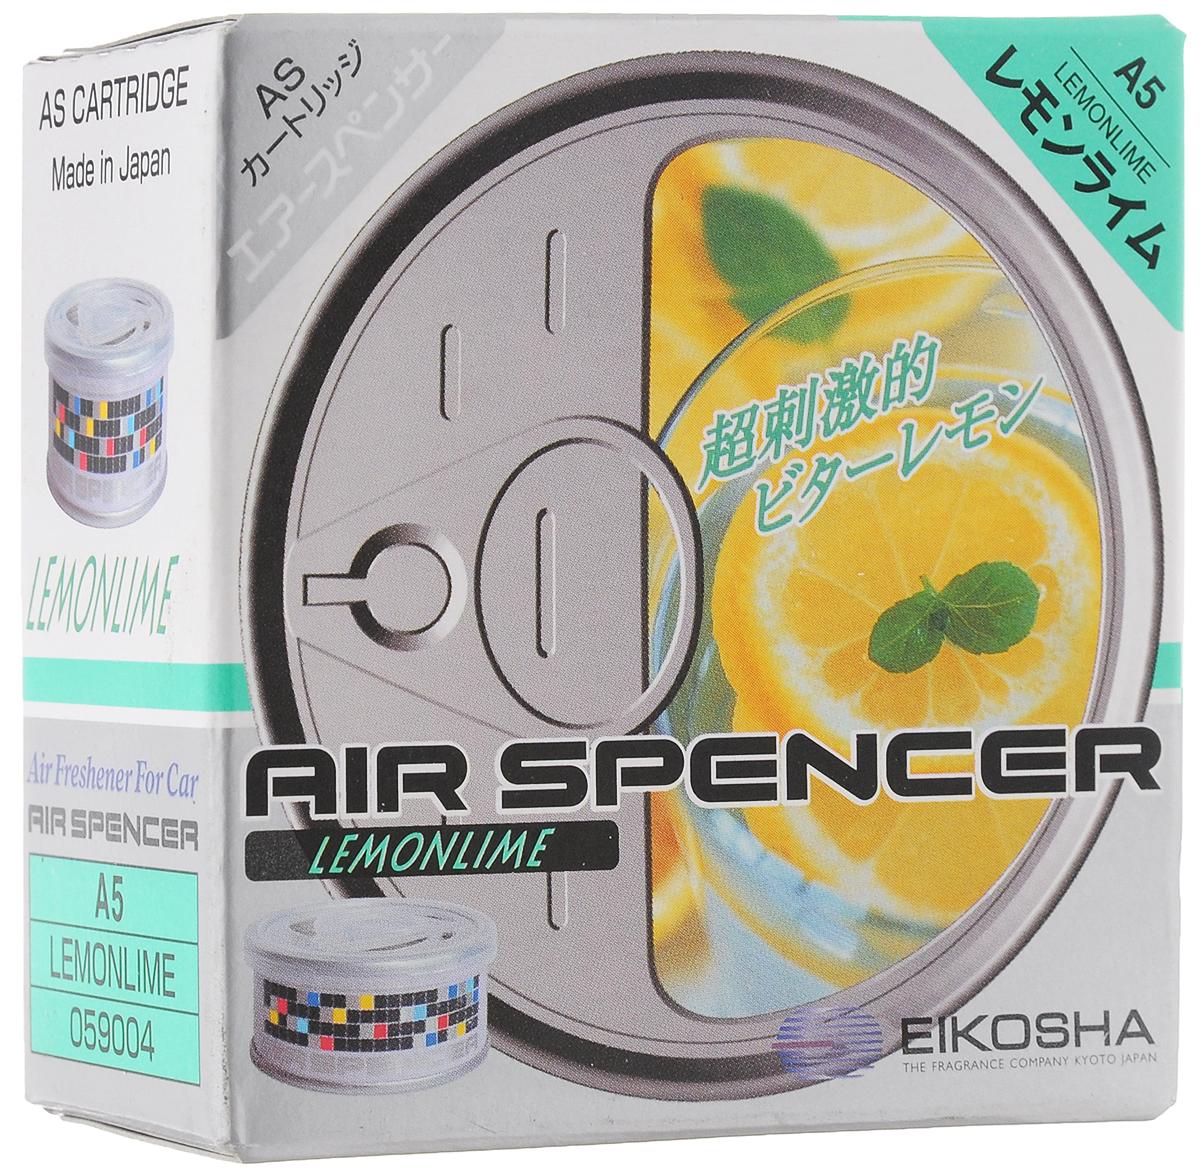 Ароматизатор автомобильный Eikosha Lemon LimeAUR-BC-0006Ароматизатор Eikosha Lemon Lime предназначен для размещения в автомобиле. Изделие крепится с помощью двухсторонней клейкой ленты. Ароматизатор имеет свежий и яркий аромат - сочетание лимона и лайма.